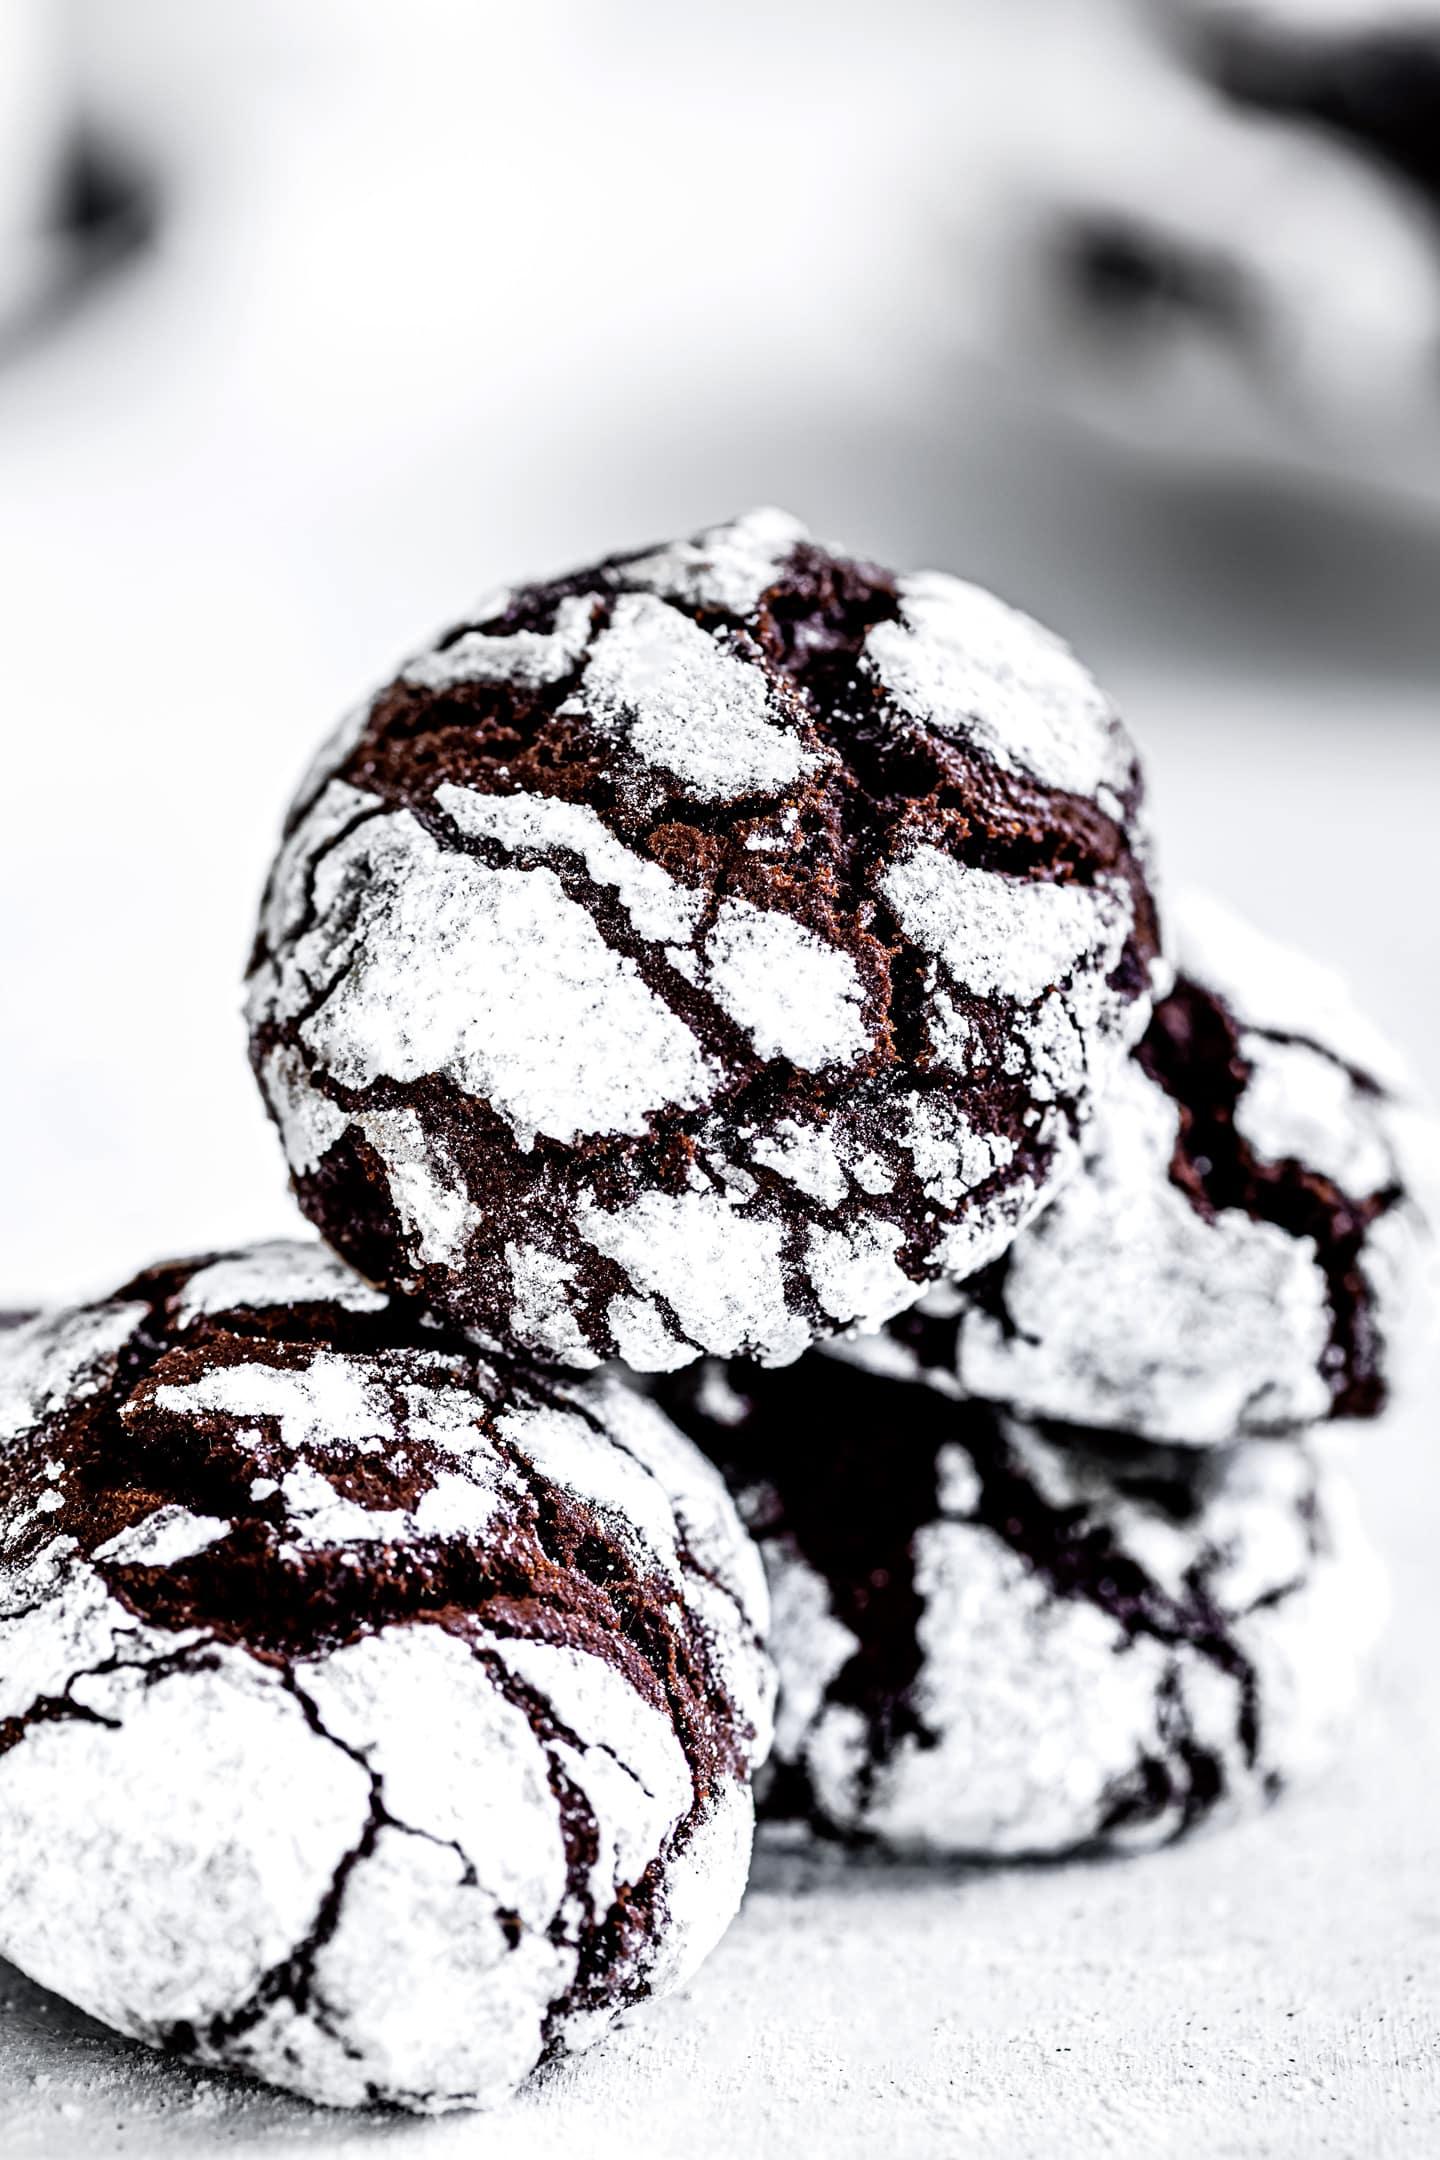 La recette facile des biscuits craquelés au chocolat